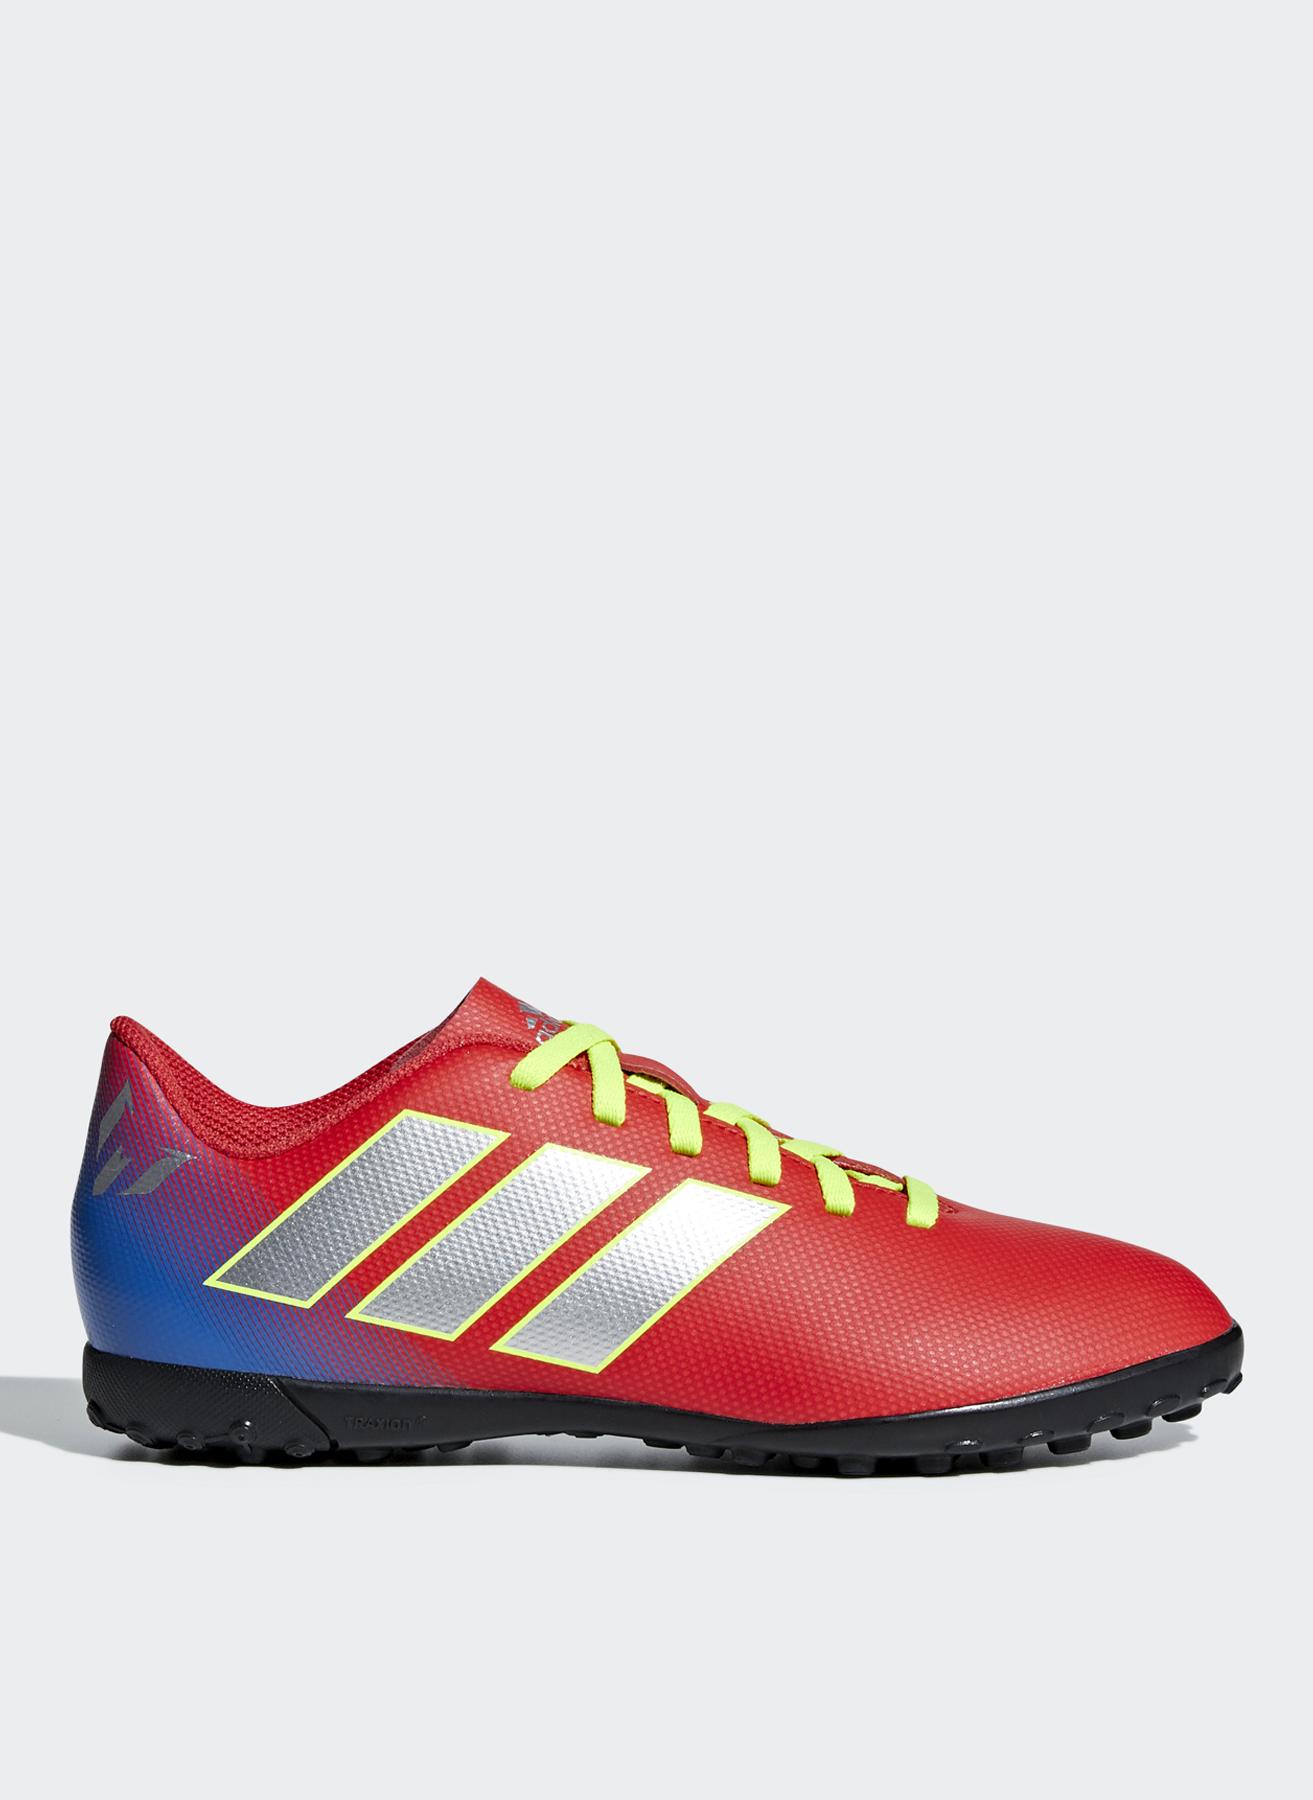 28837d4515ff3 31.5 Erkek Kırmızı - Gri Beyaz adidas CM8642 Nemeziz Messi 18.4 Tf Halı  Saha Ayakkabısı 5002357647009